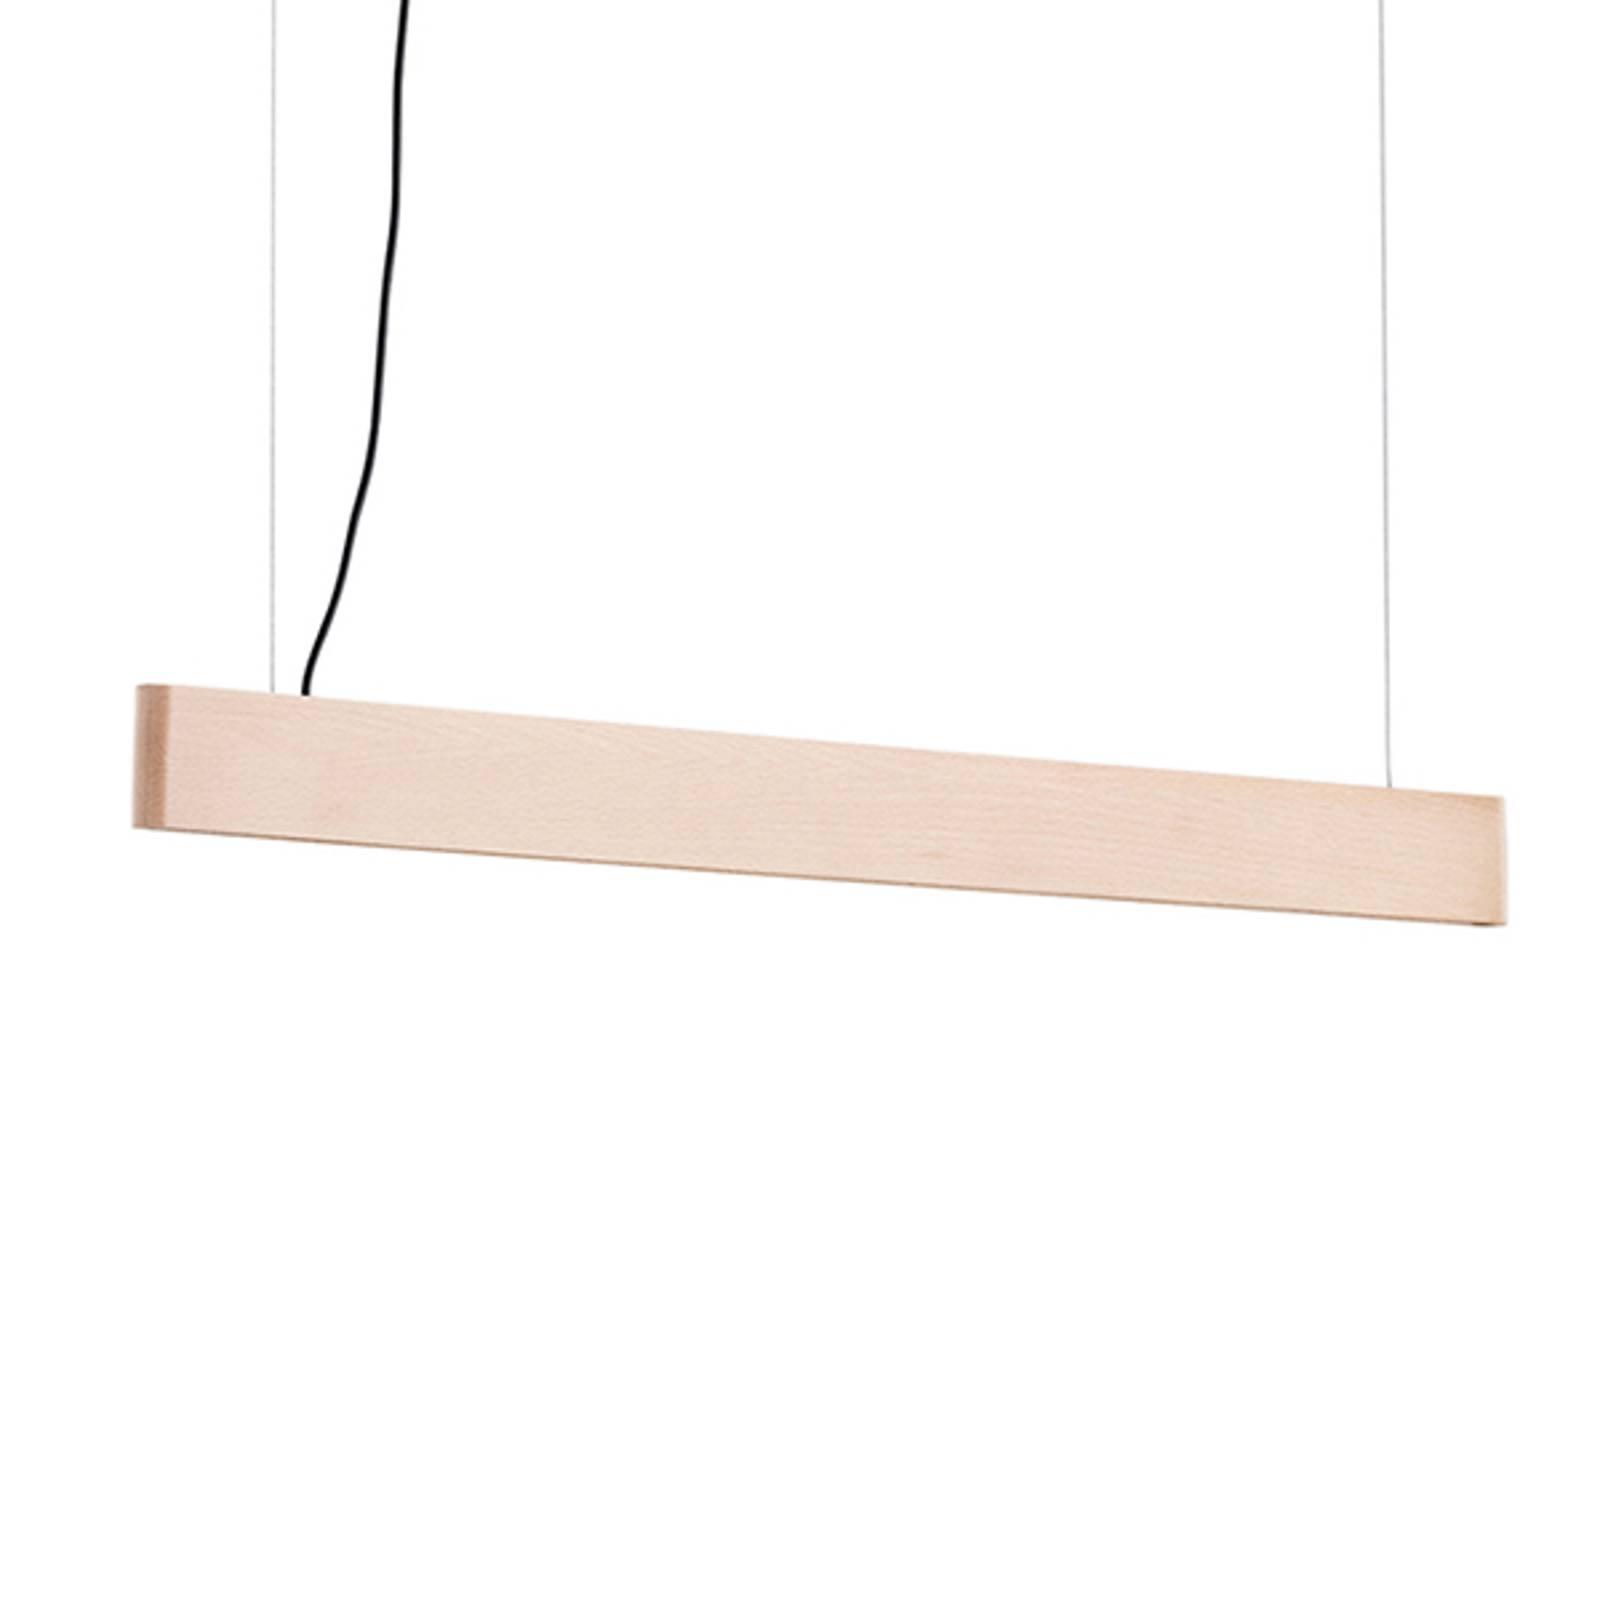 LED-riippuvalaisin Abbon, varjostin pyökkiä, 70 cm